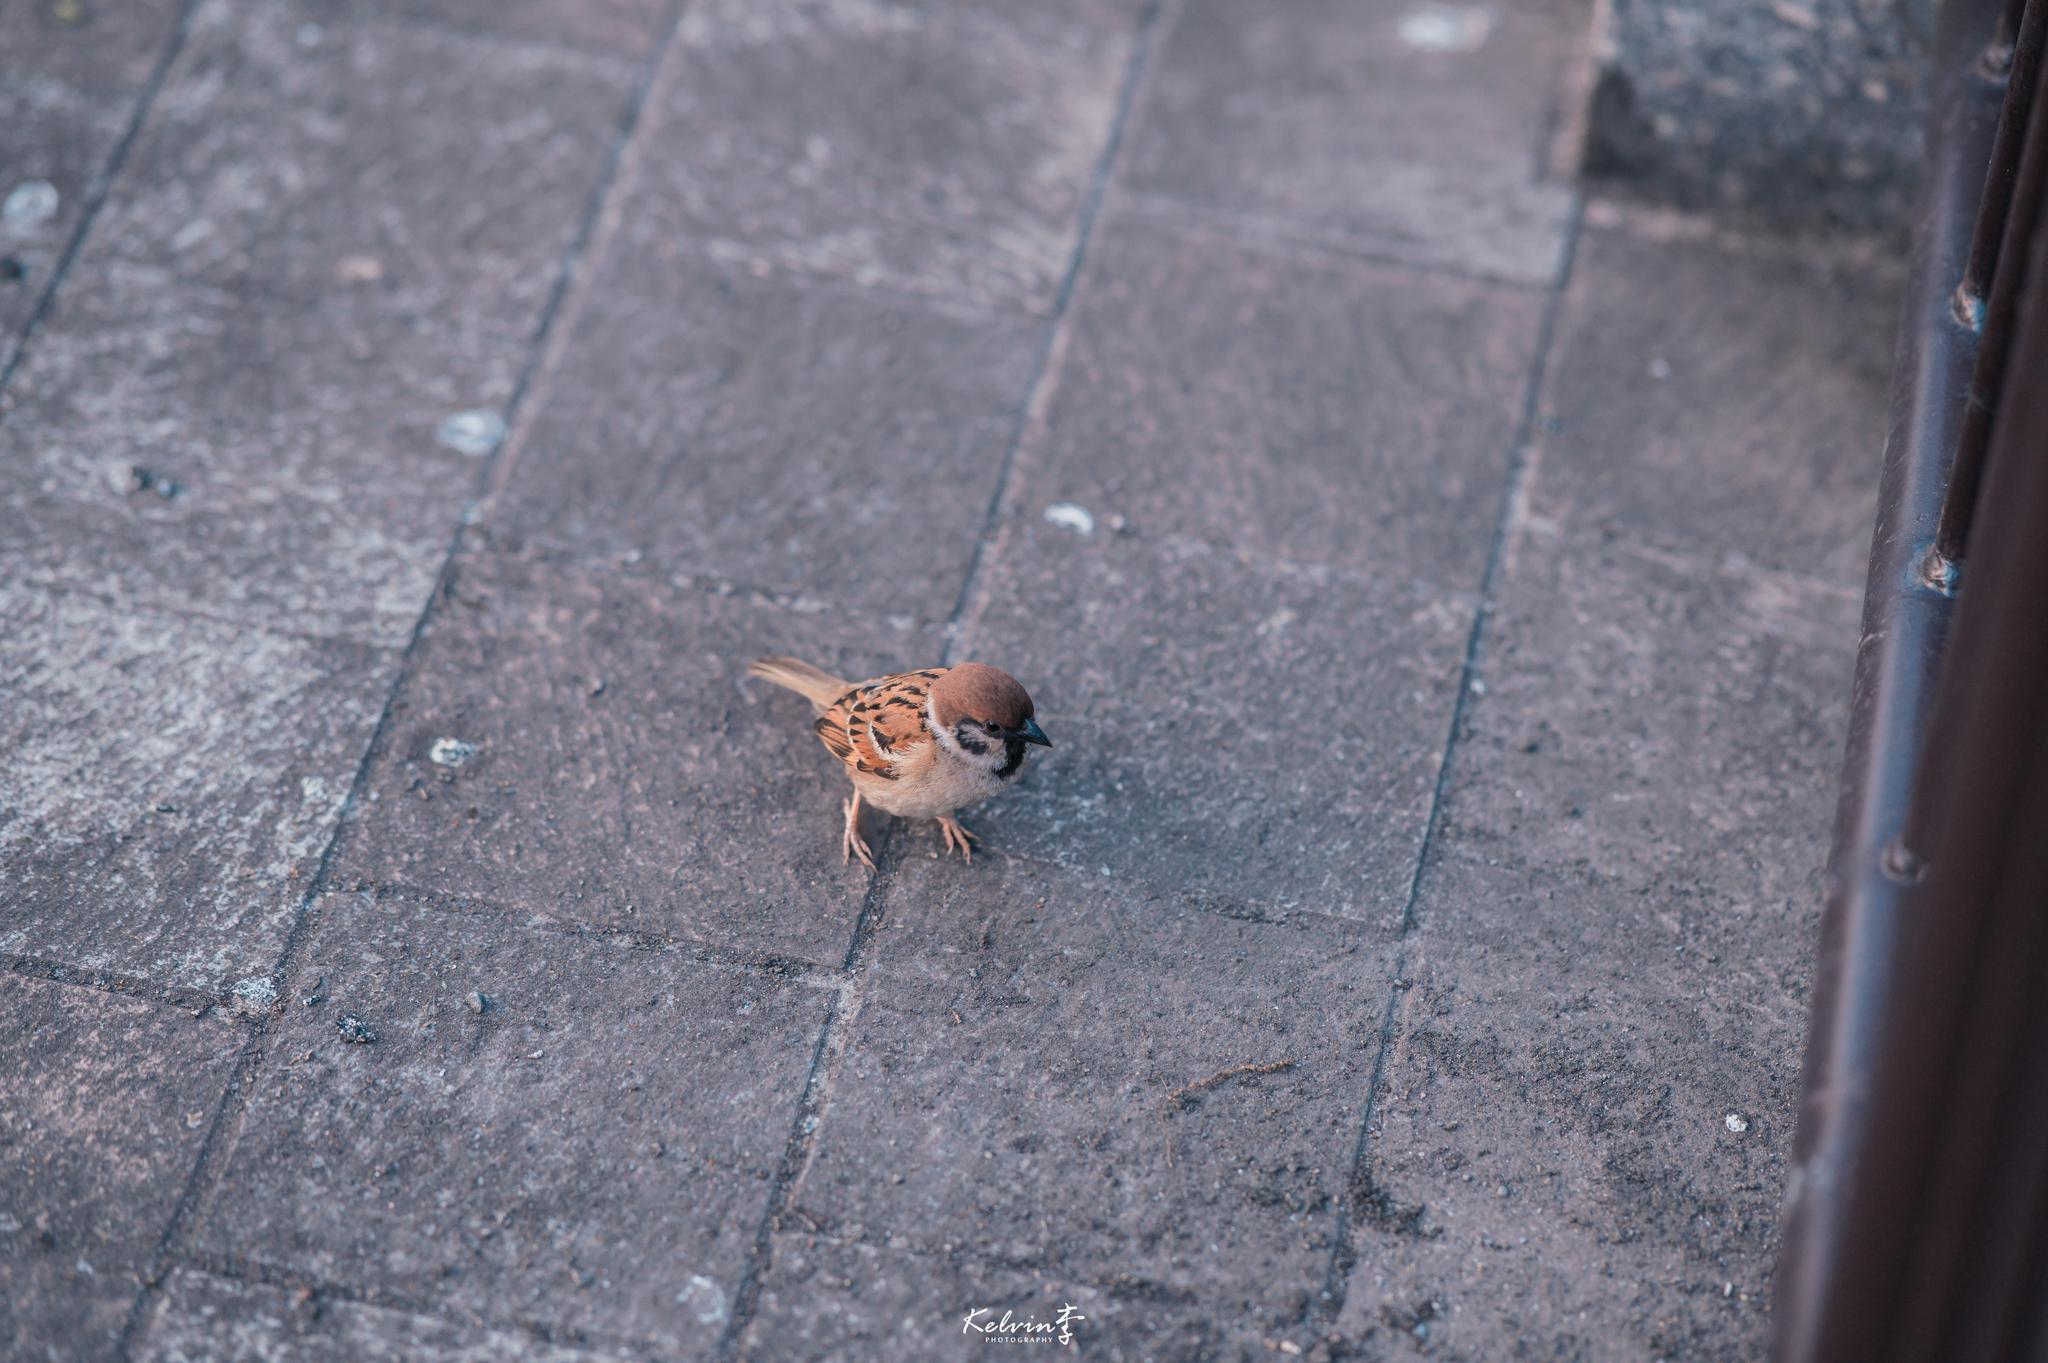 今天傍晚去了上野公园散步,遇到了一只跳来跳去不停找食的小鸟